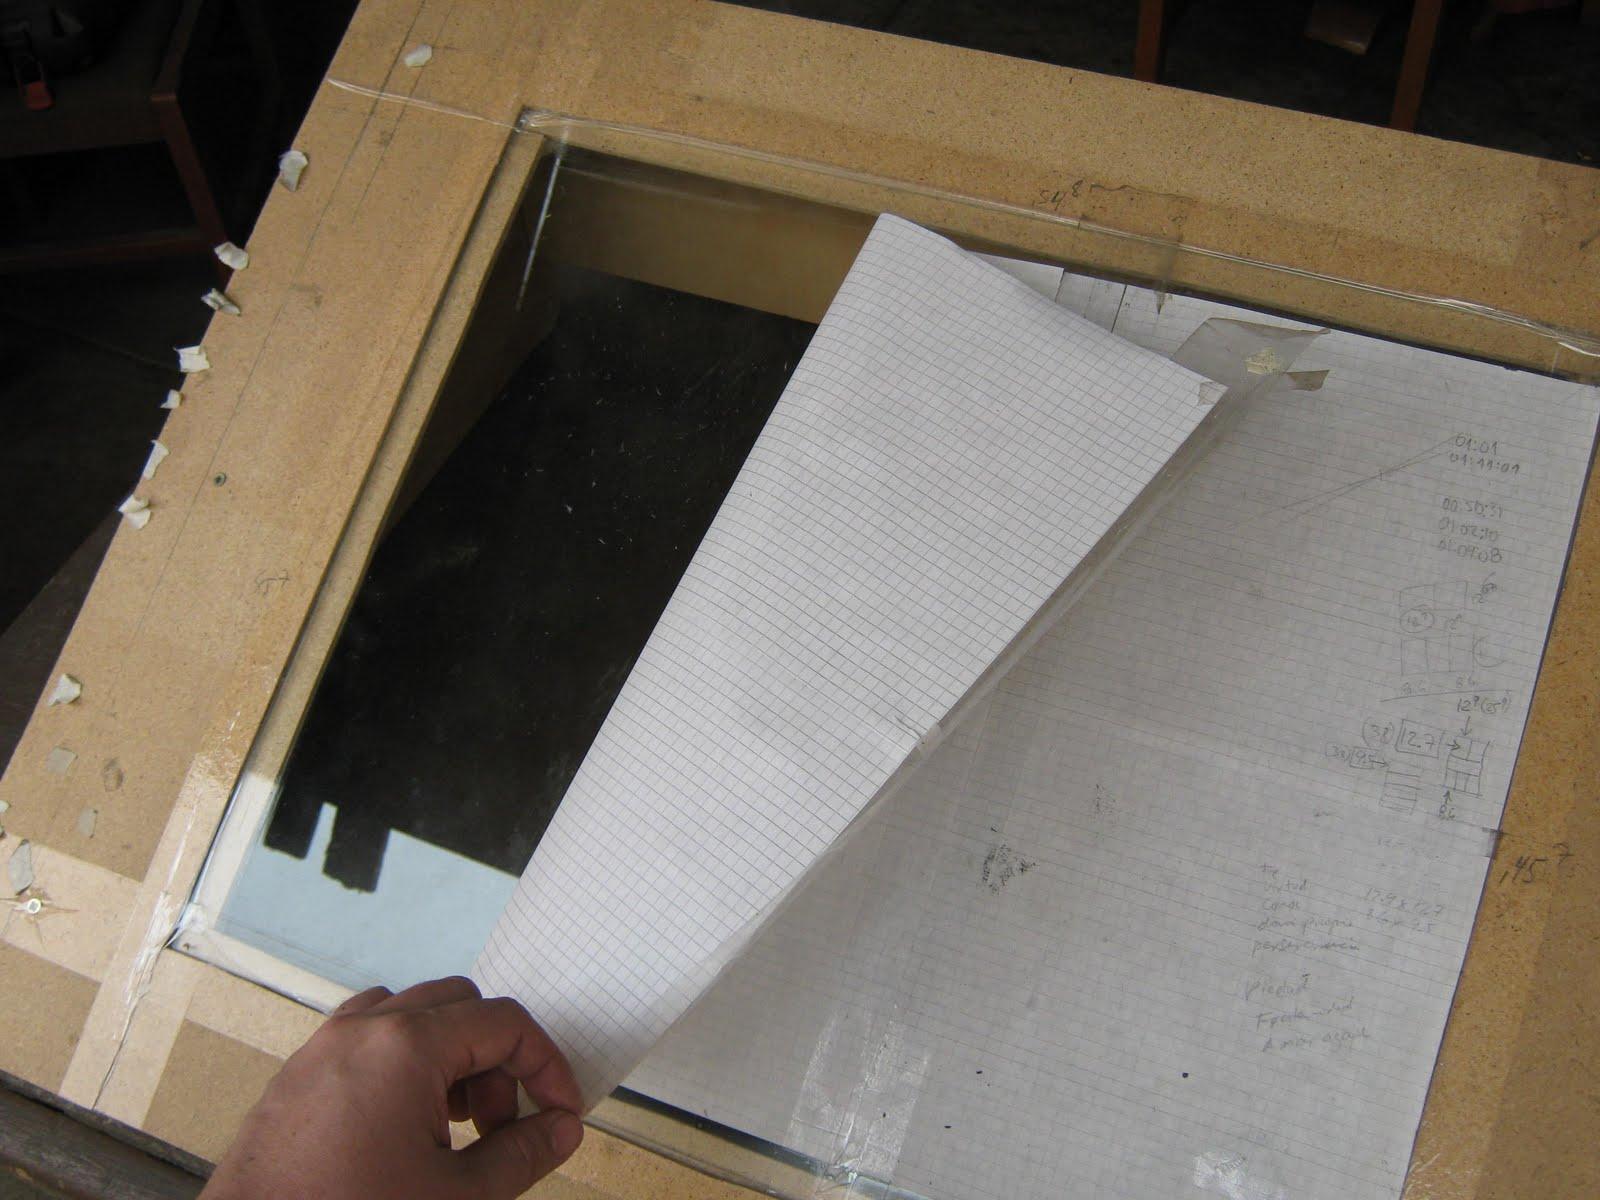 El taller de boshek como hacer tu mesa de calcar 1 - Mesa de dibujo portatil ...